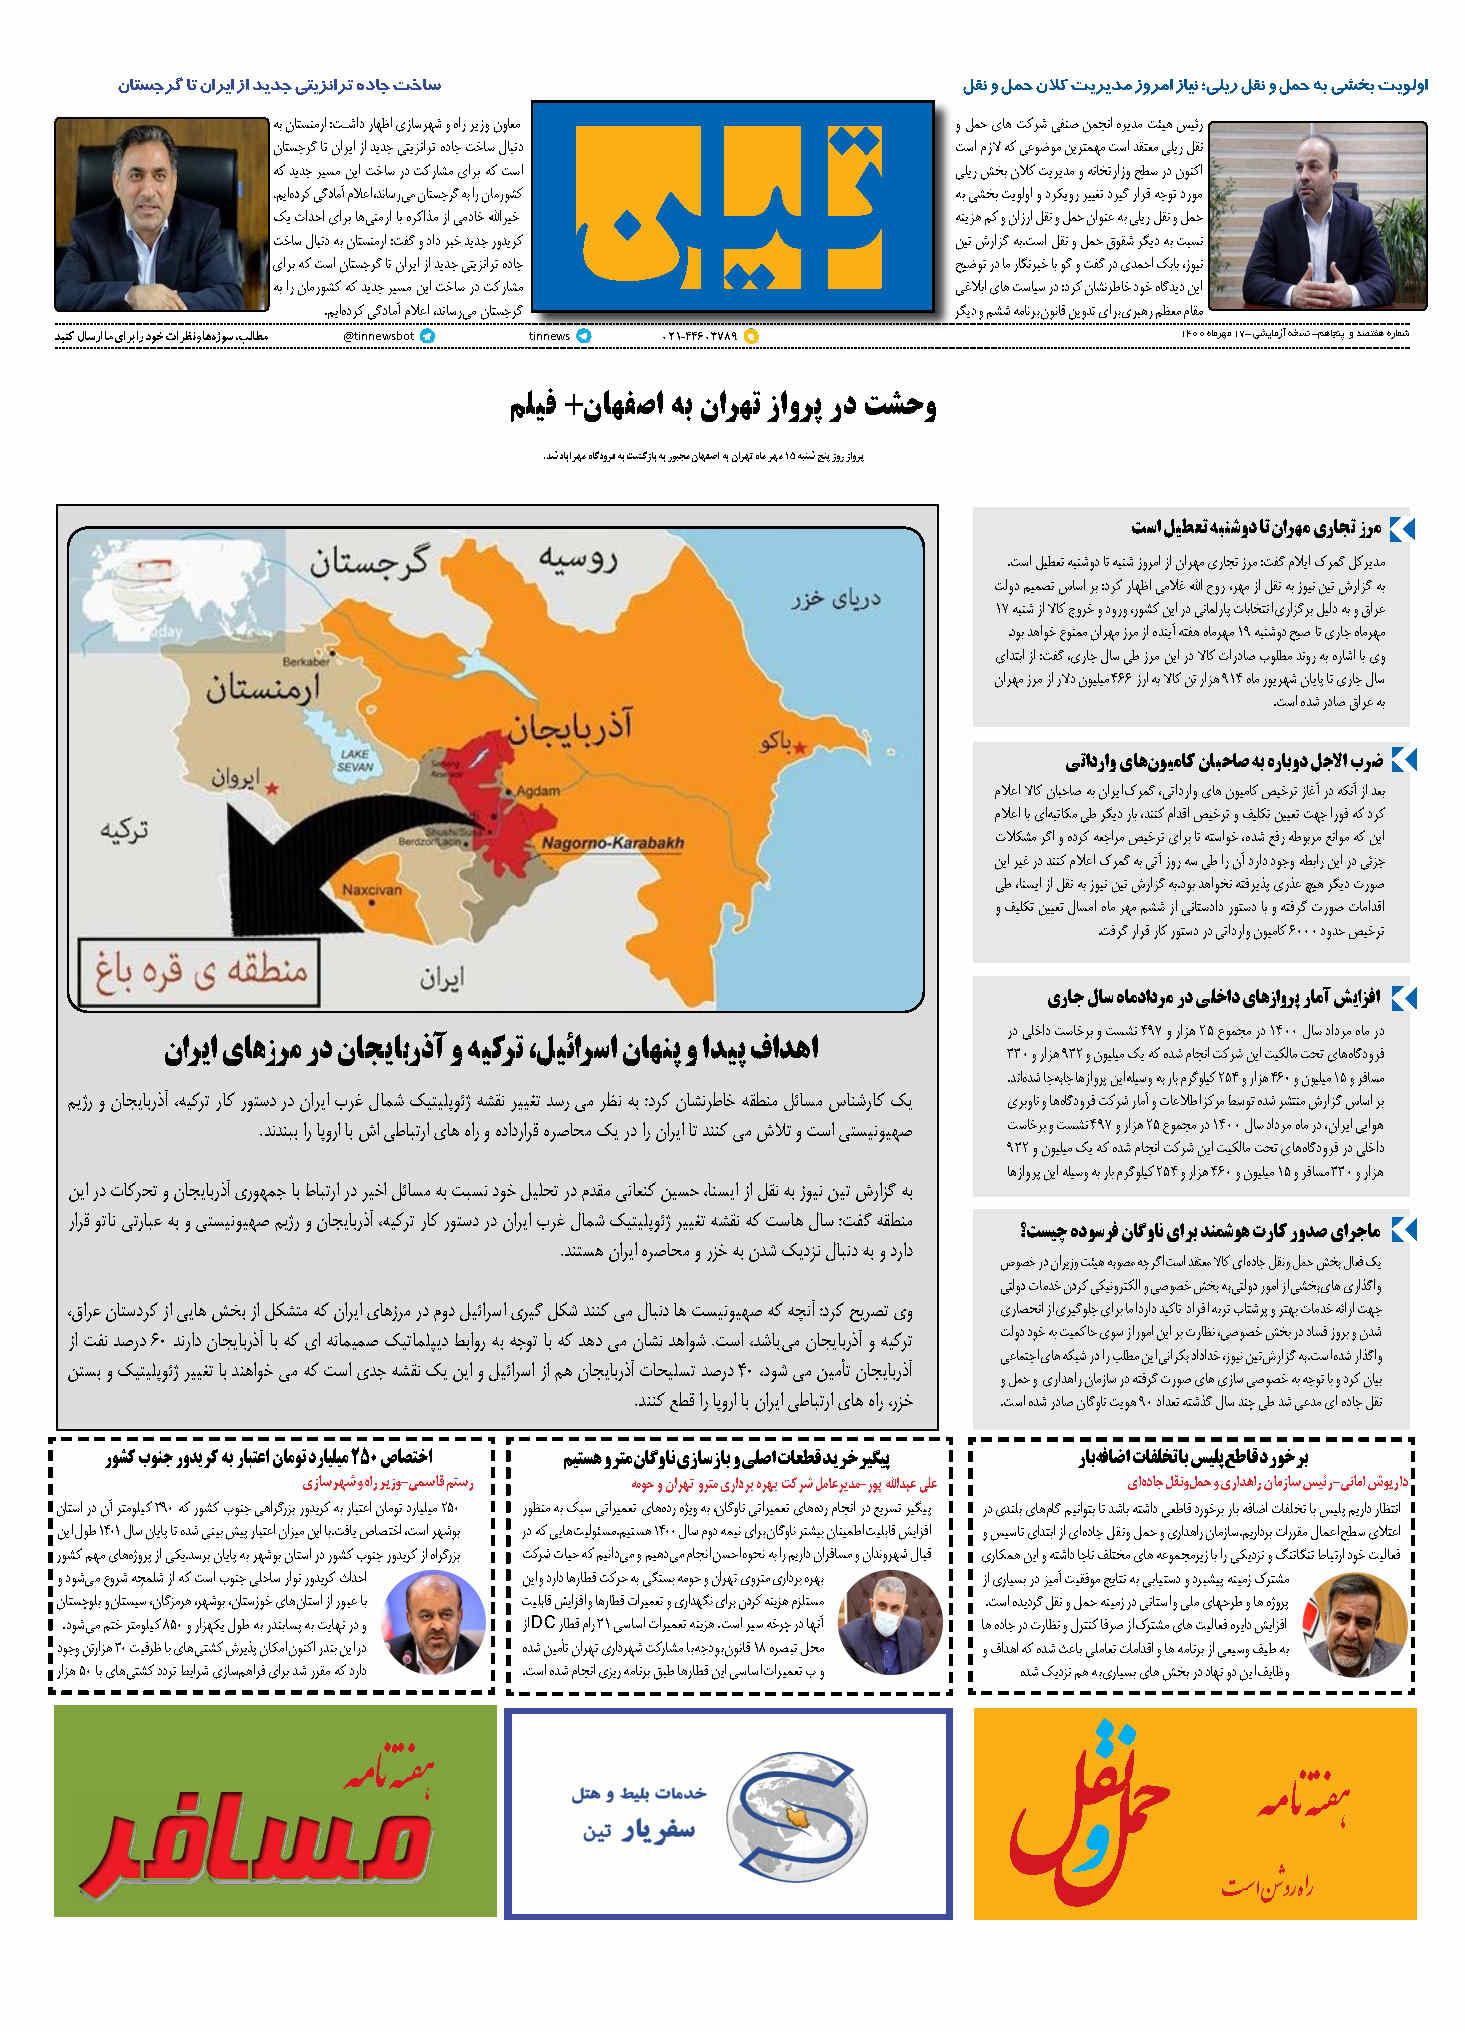 روزنامه الکترونیک 17 مهرماه 1400